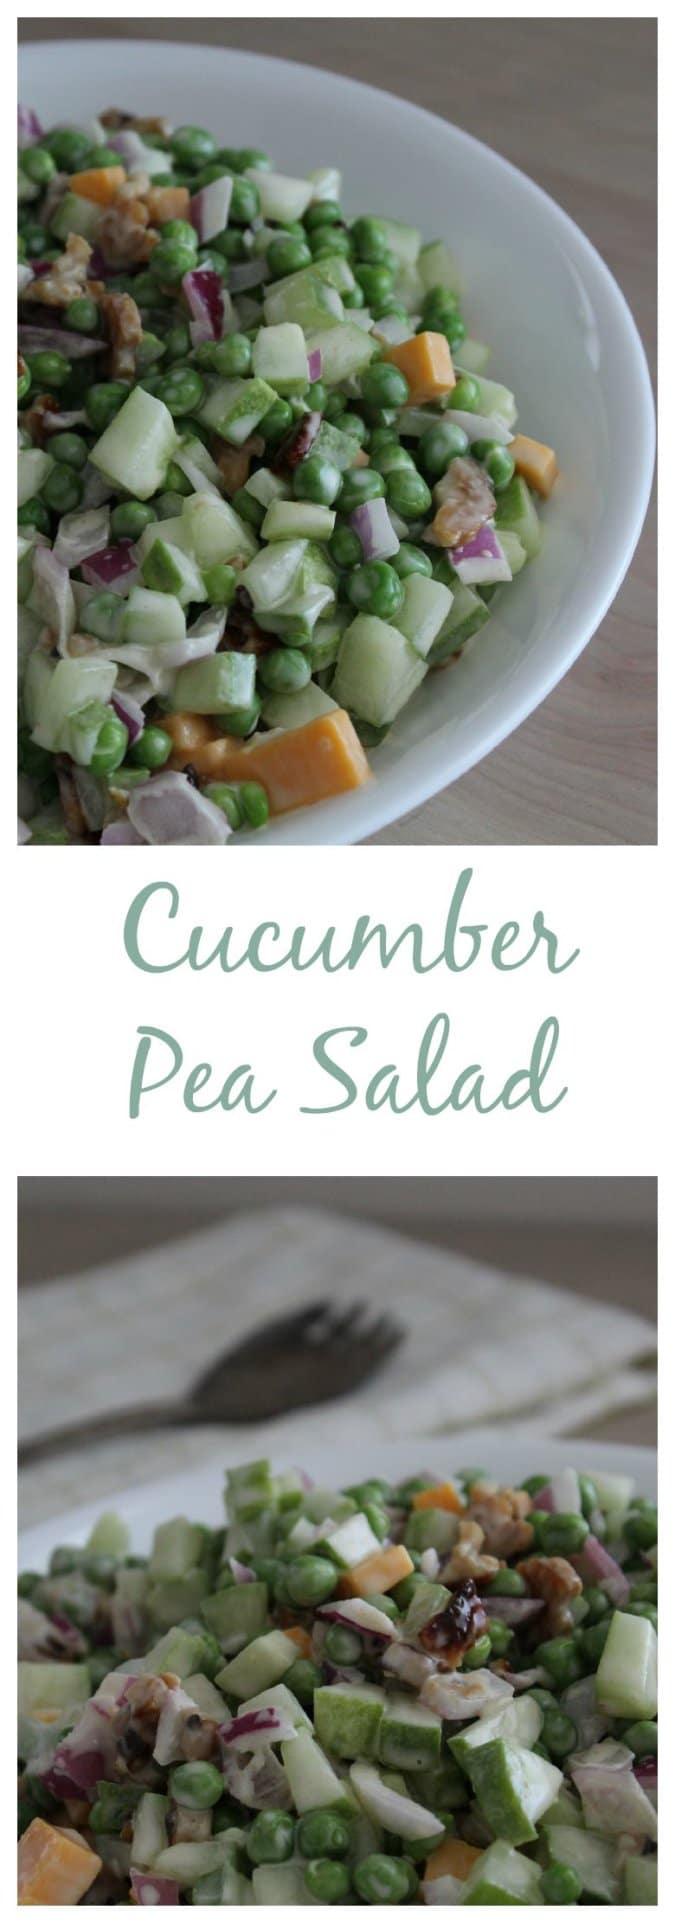 Cucumber Pea Salad @vegetarianmamma.com #vegetarian #cucumber #pea #salad #glutenfree